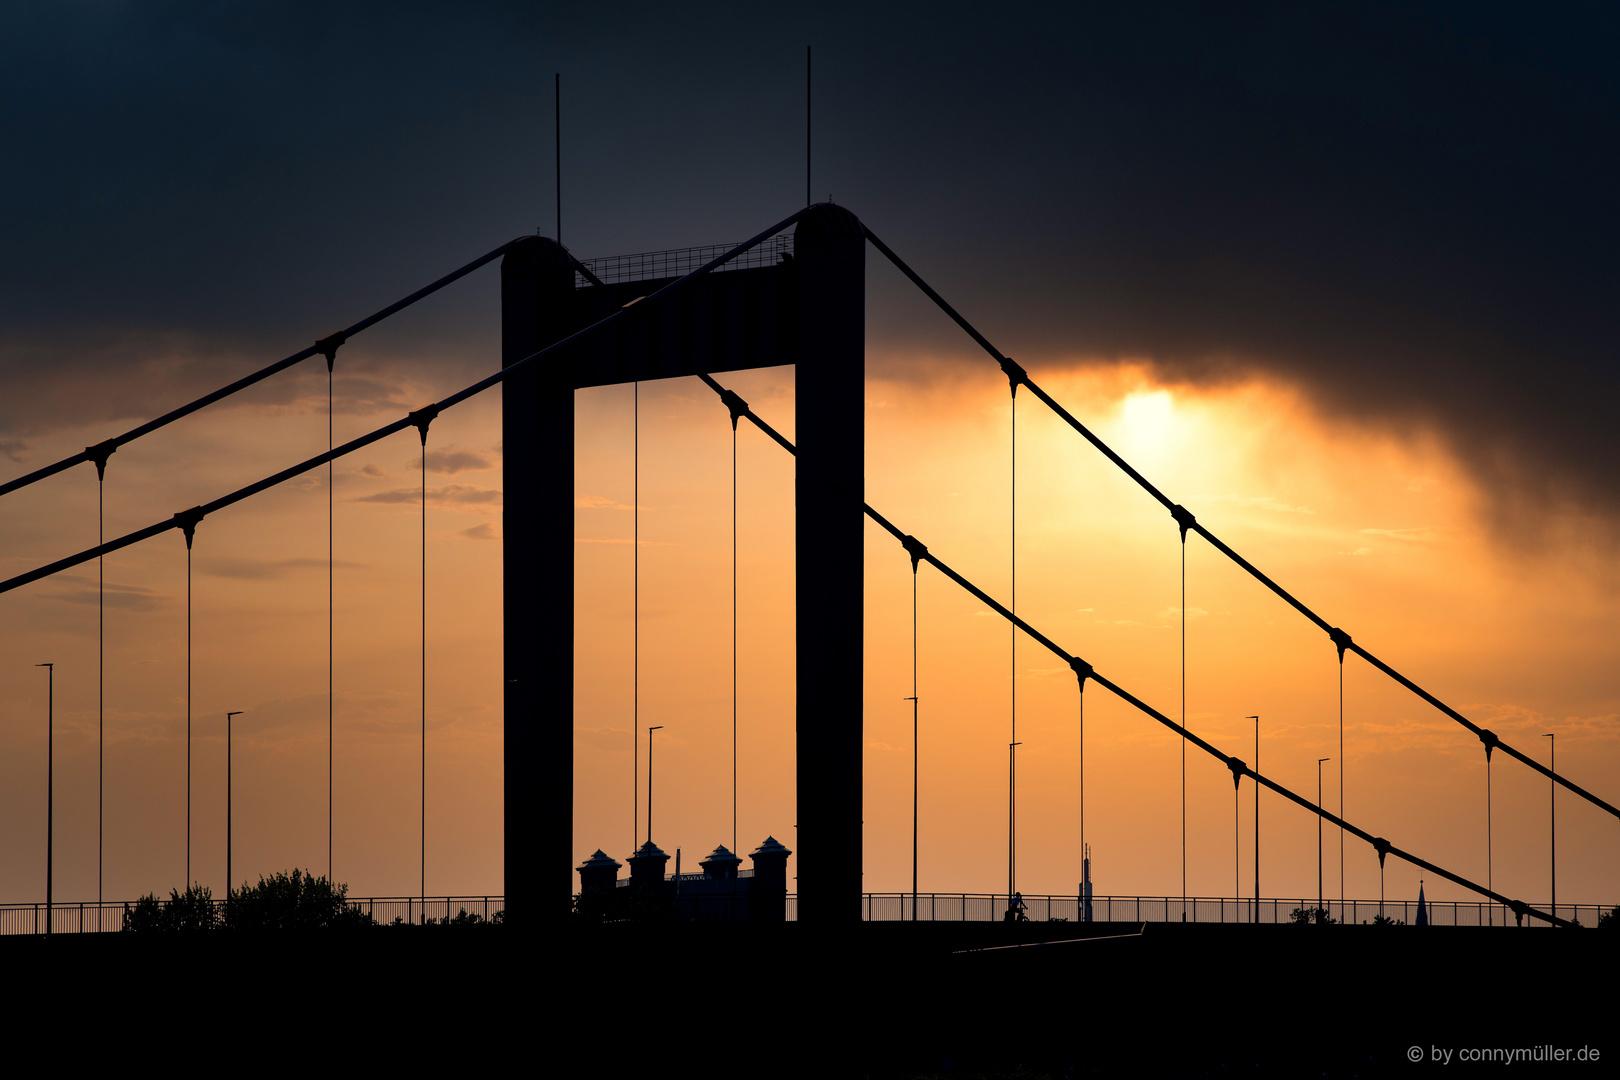 Zügelgurtbrücke